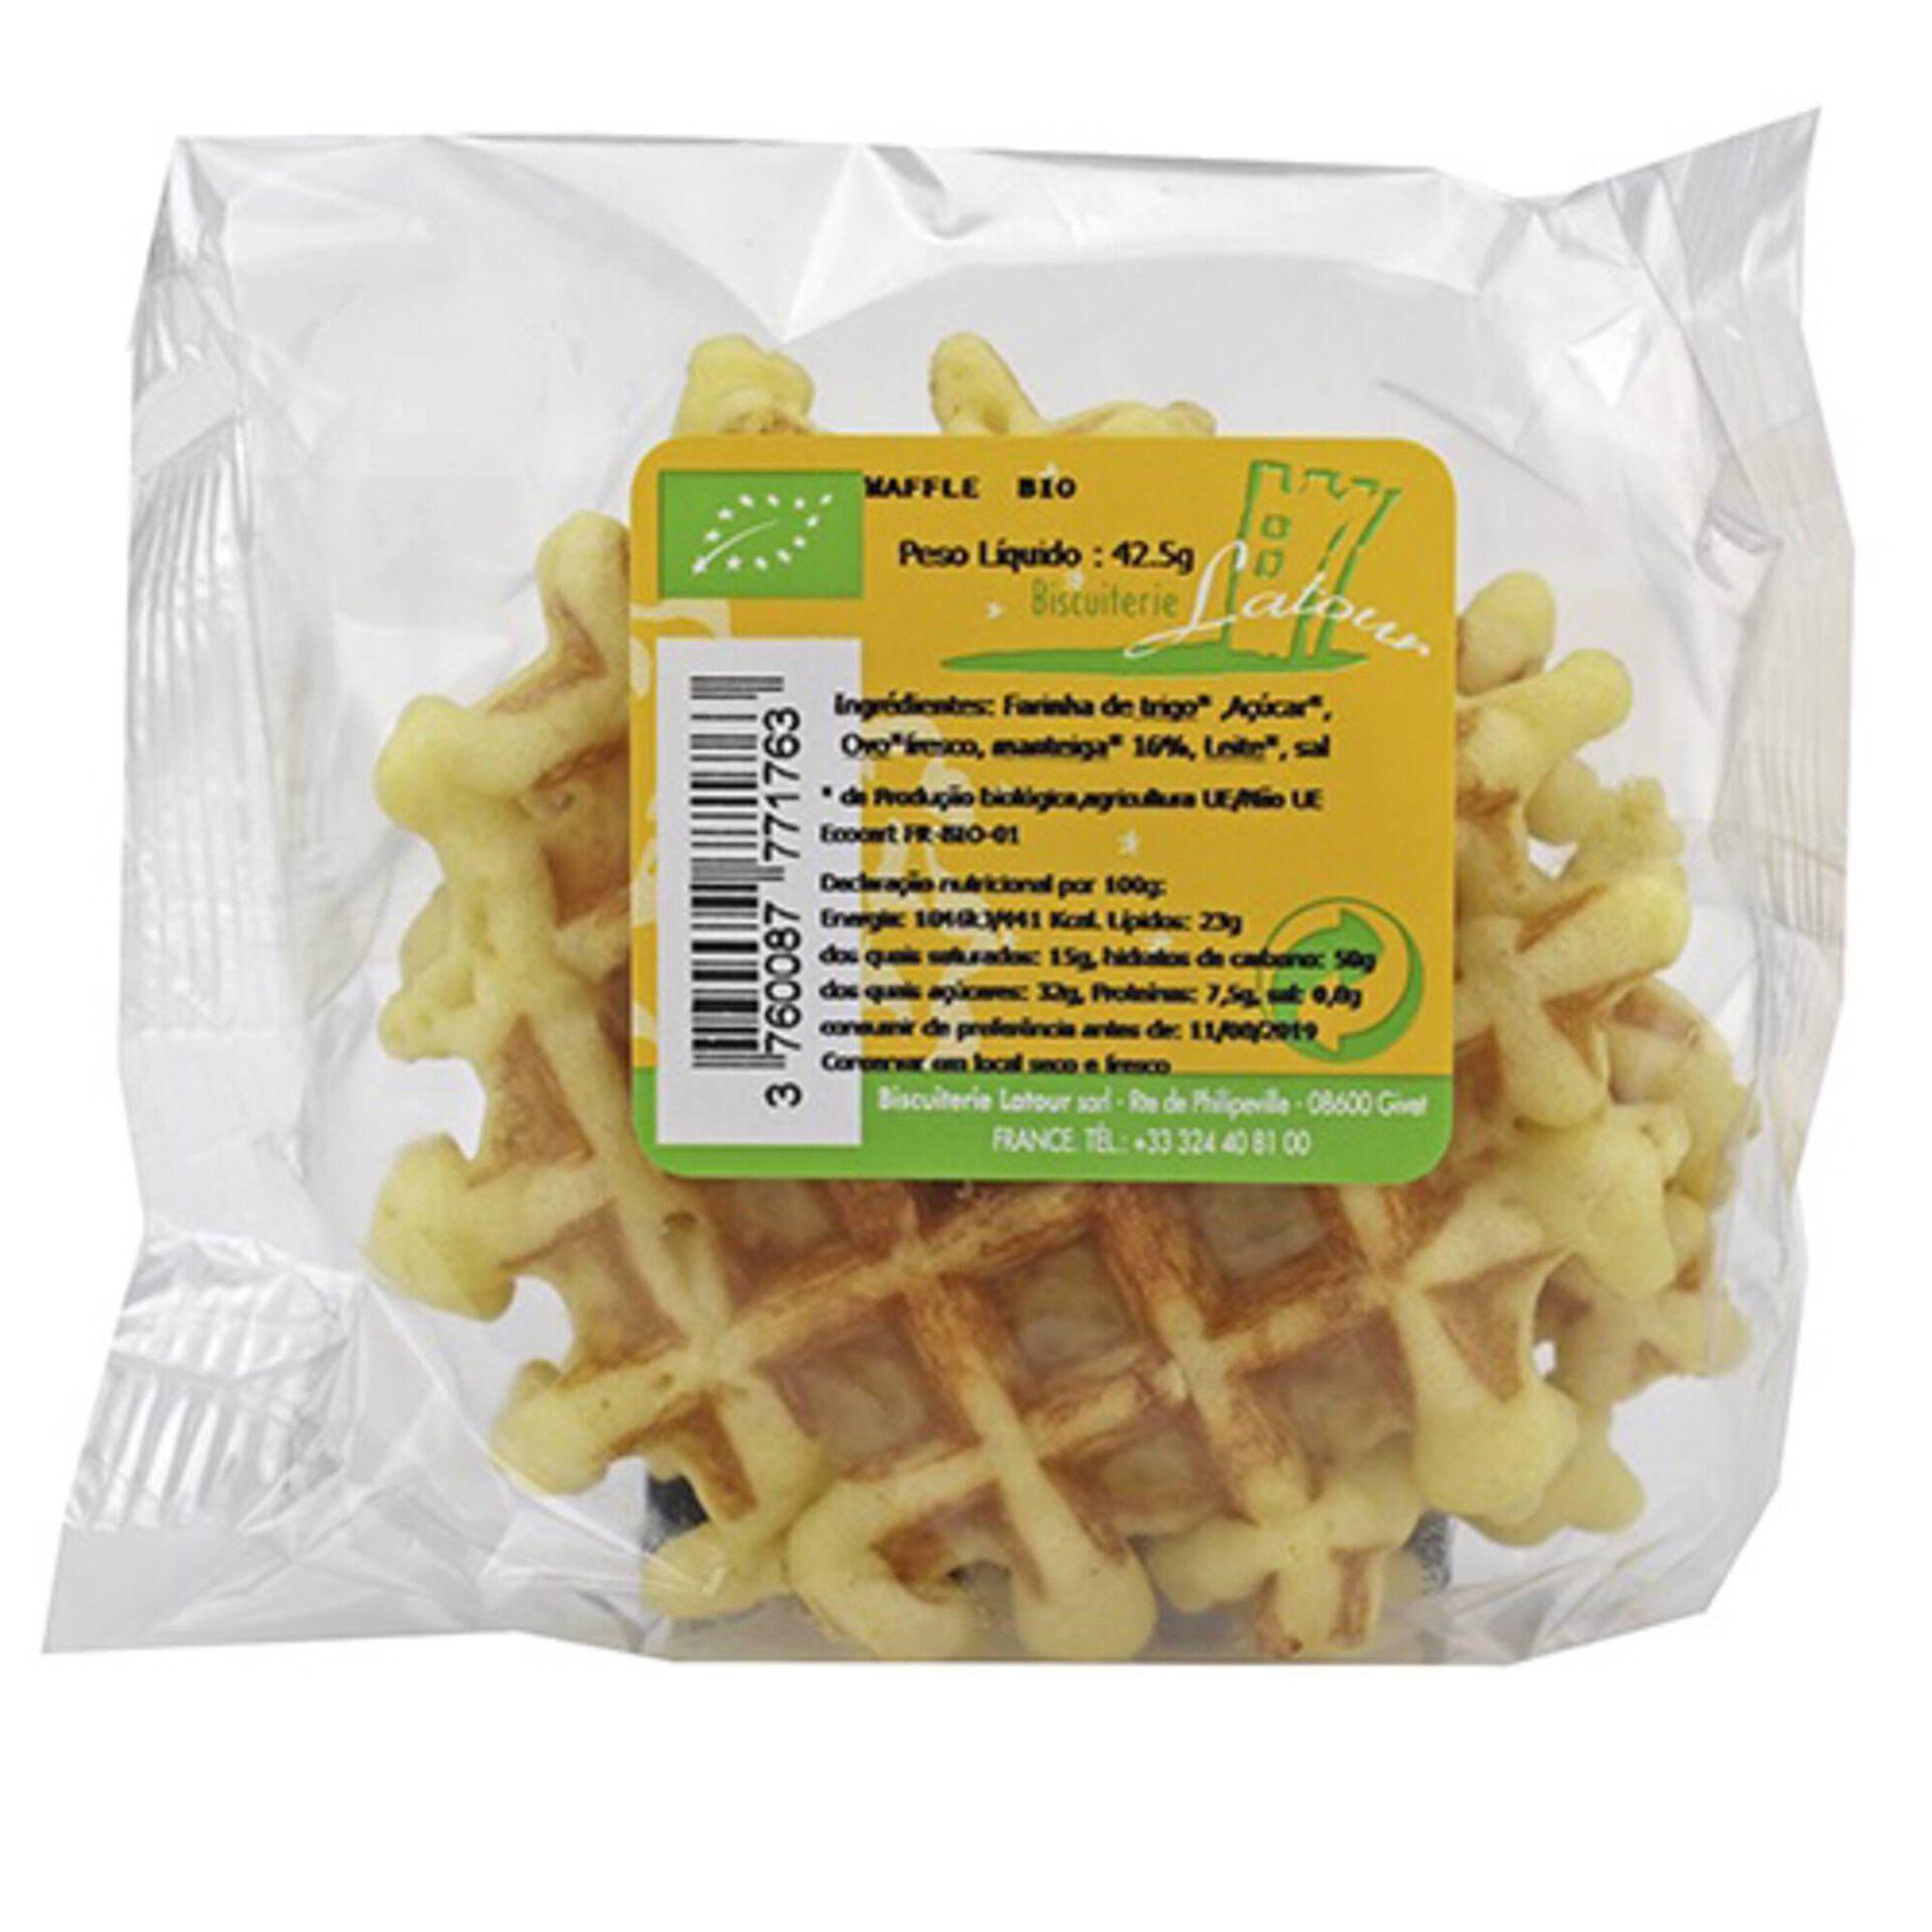 Waffles Natural Biológico